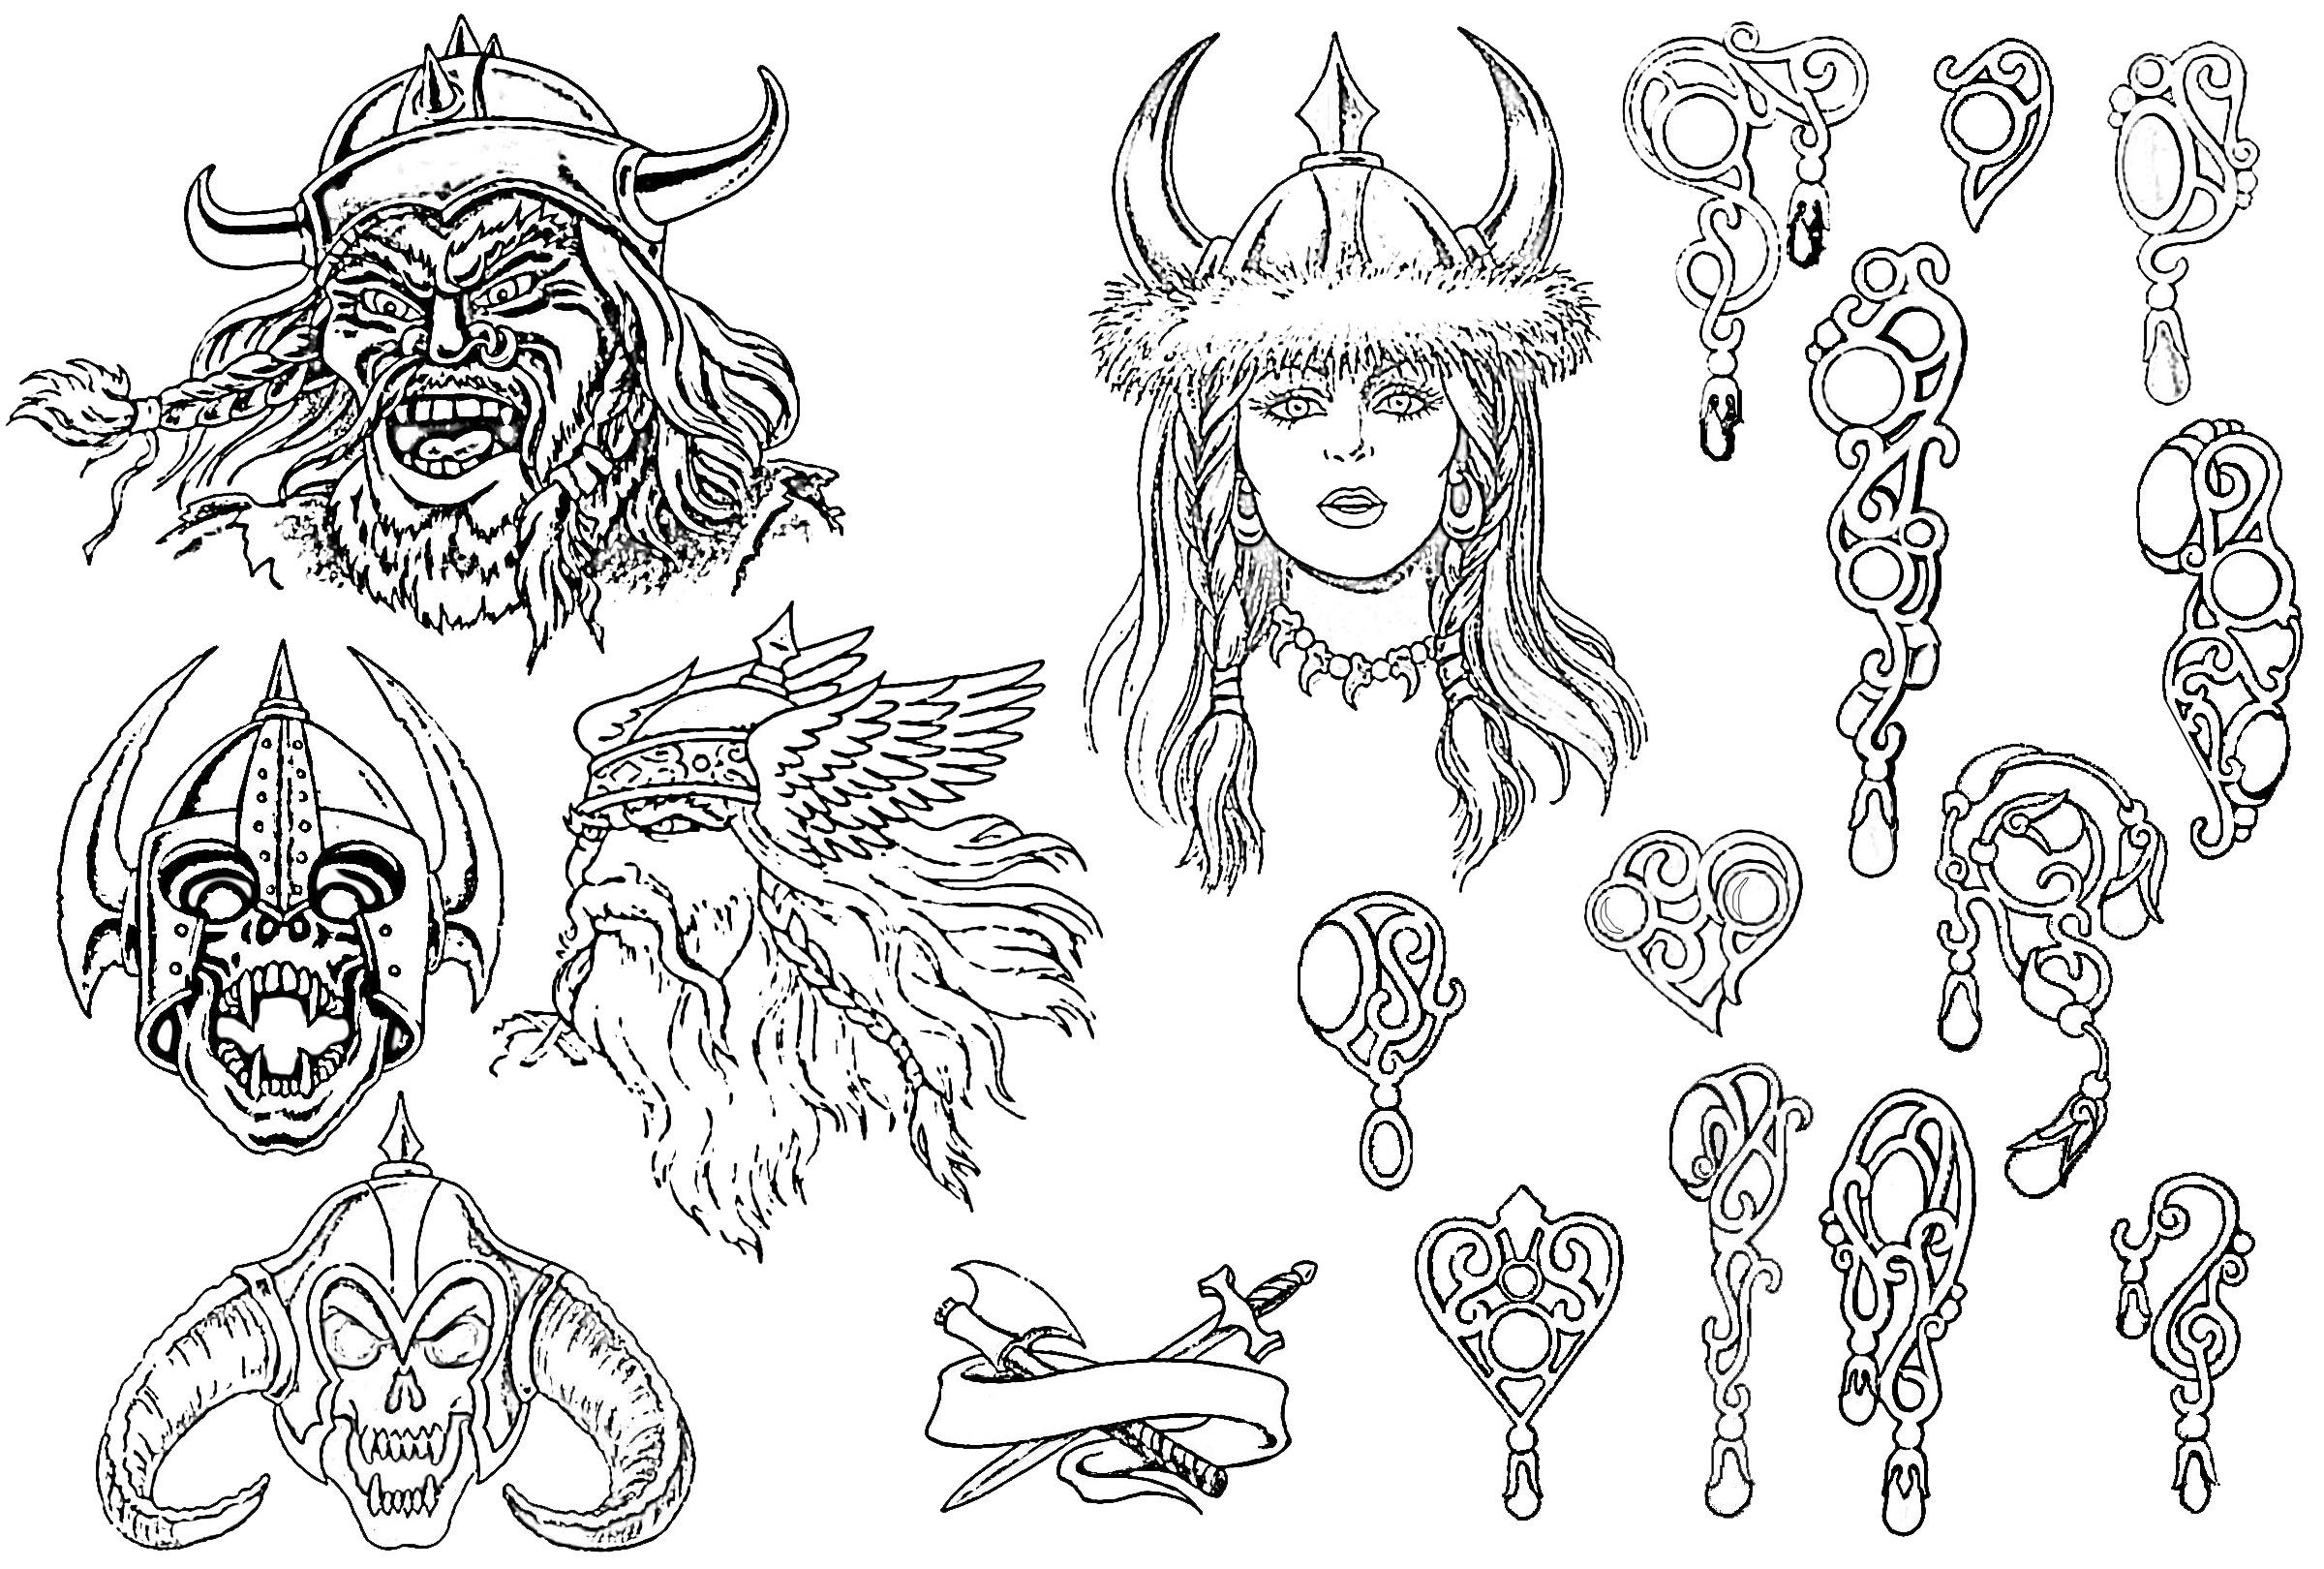 Славянские татуировки и их значение. Татуировки в славянском 8